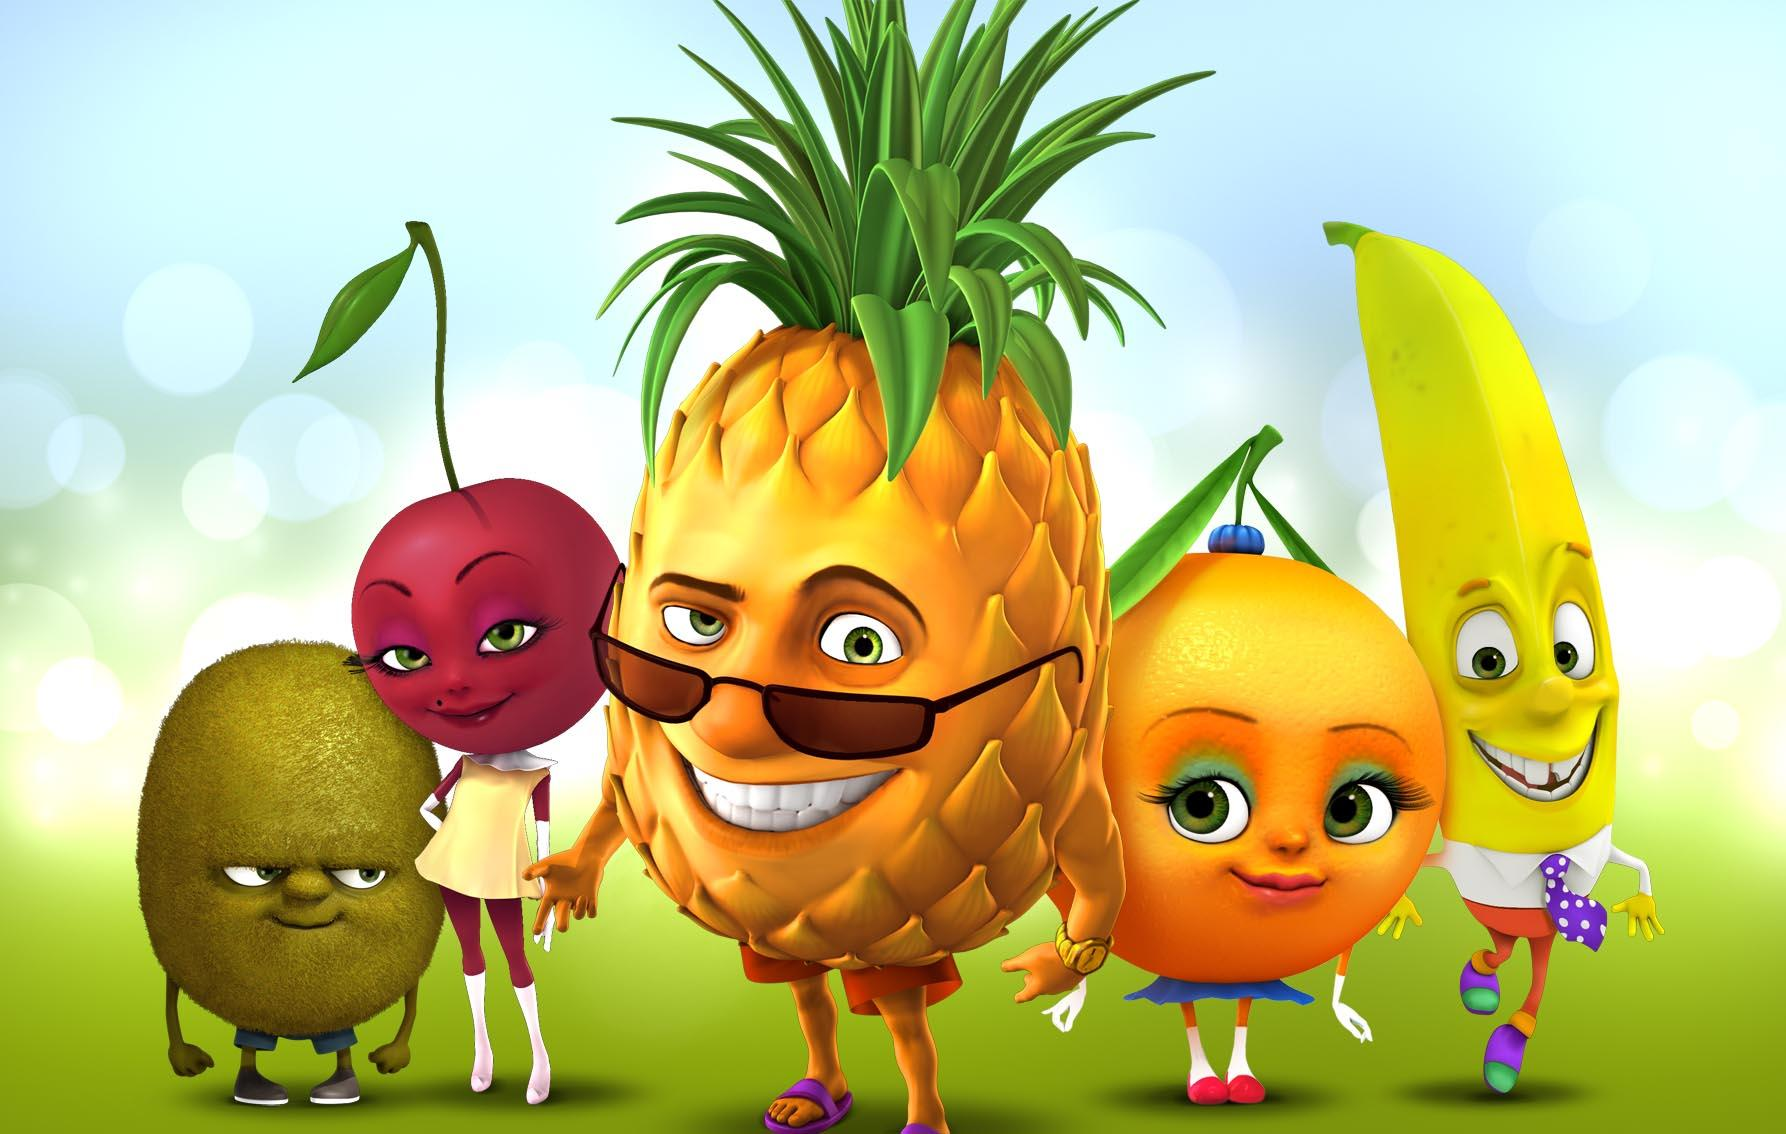 Смешные картинки с фруктами для детей